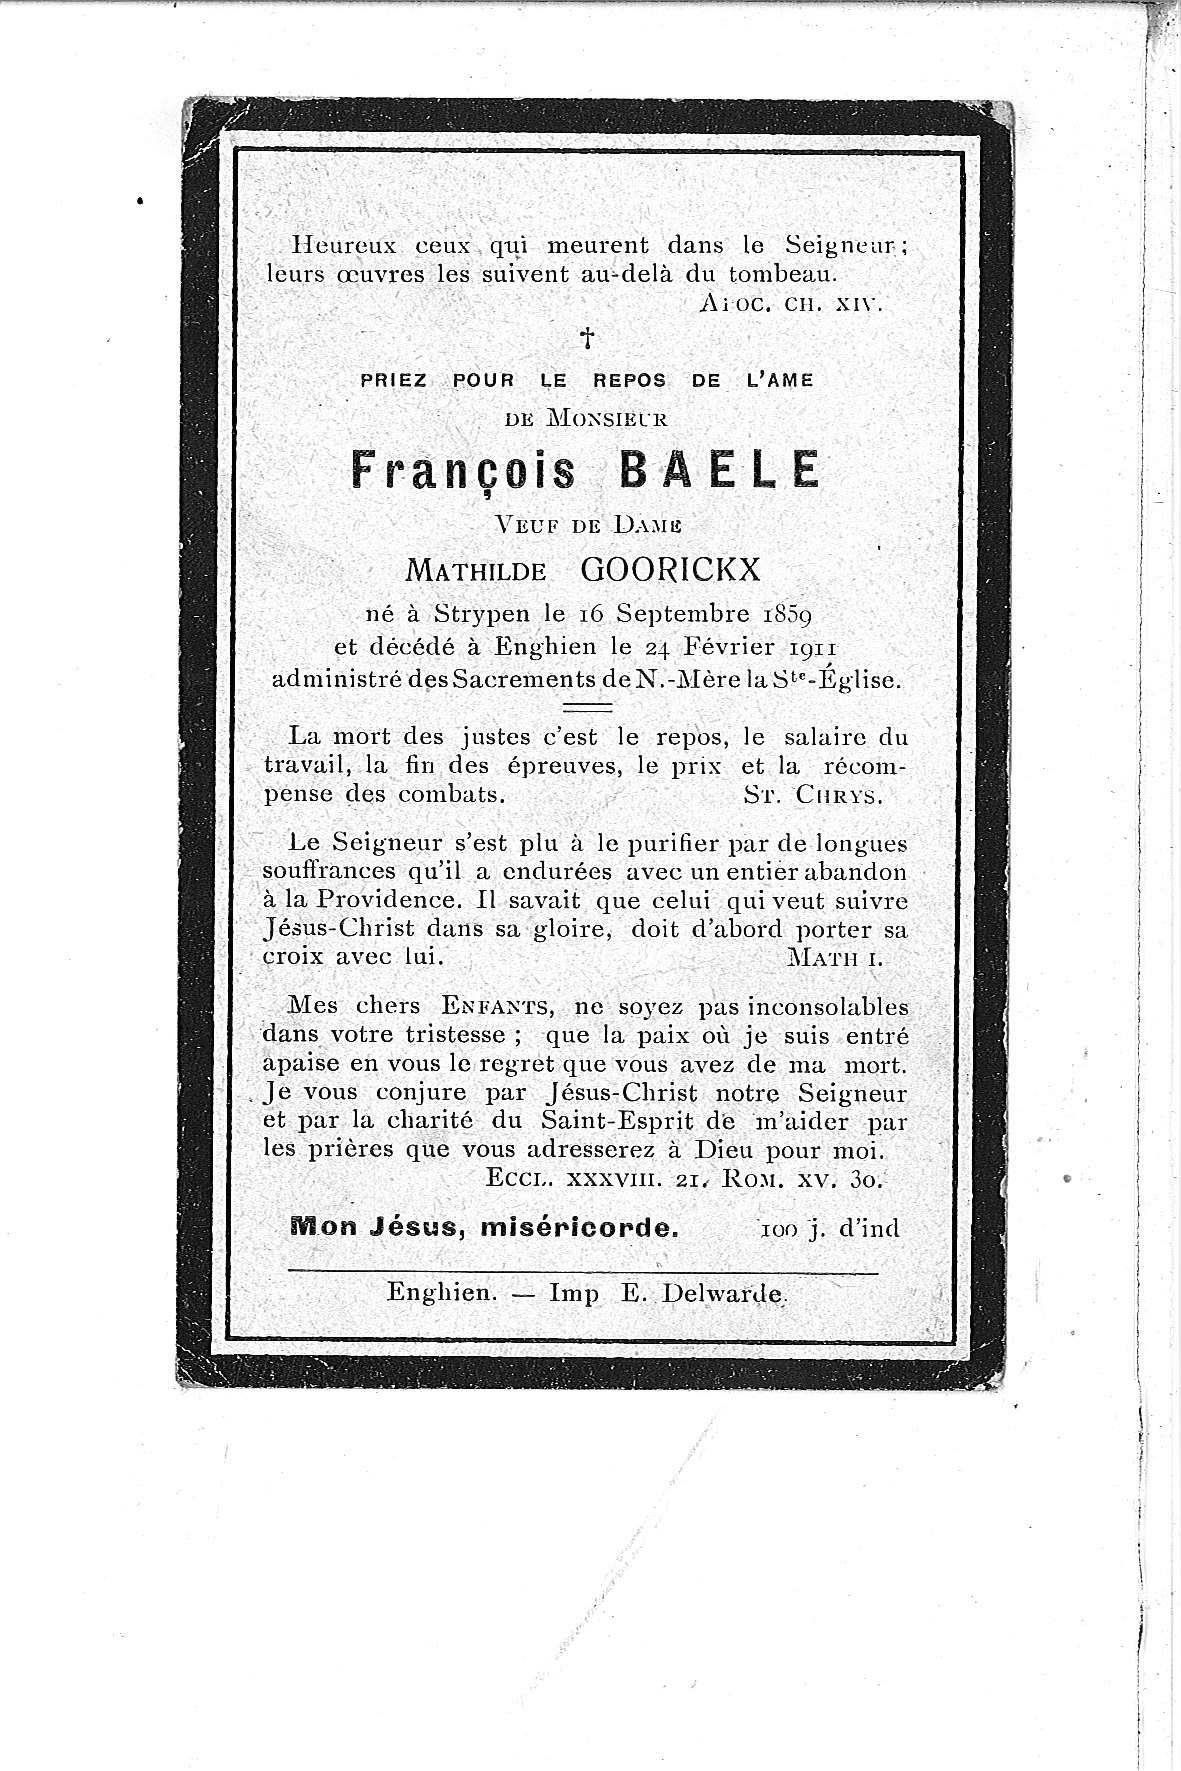 François(1911)20100928134653_00006.jpg